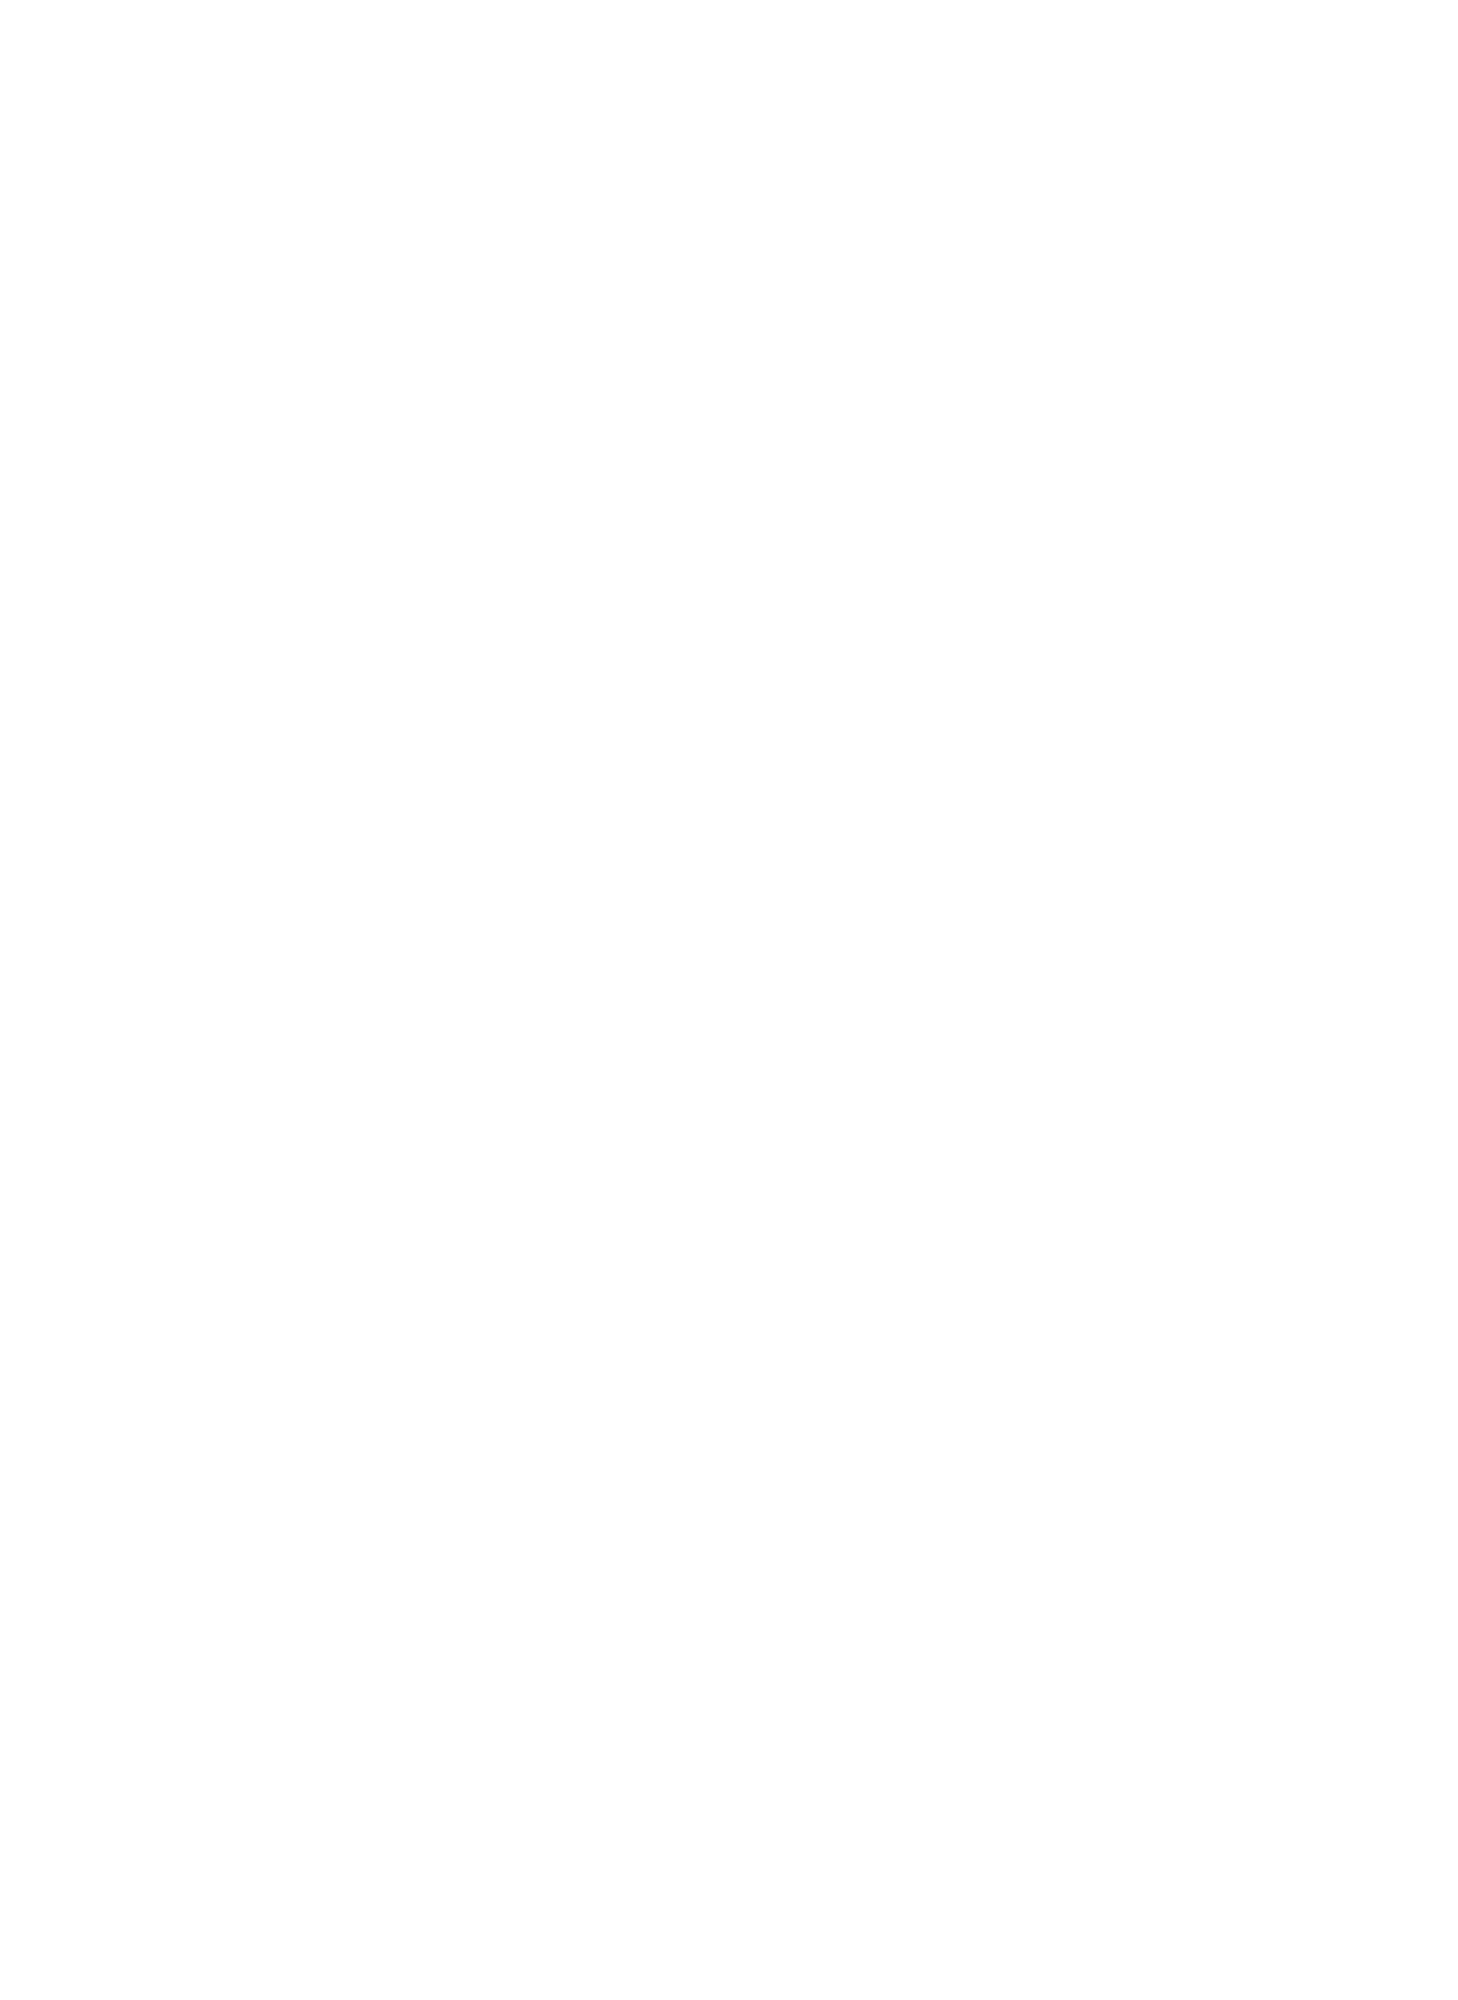 Bureau Kobl